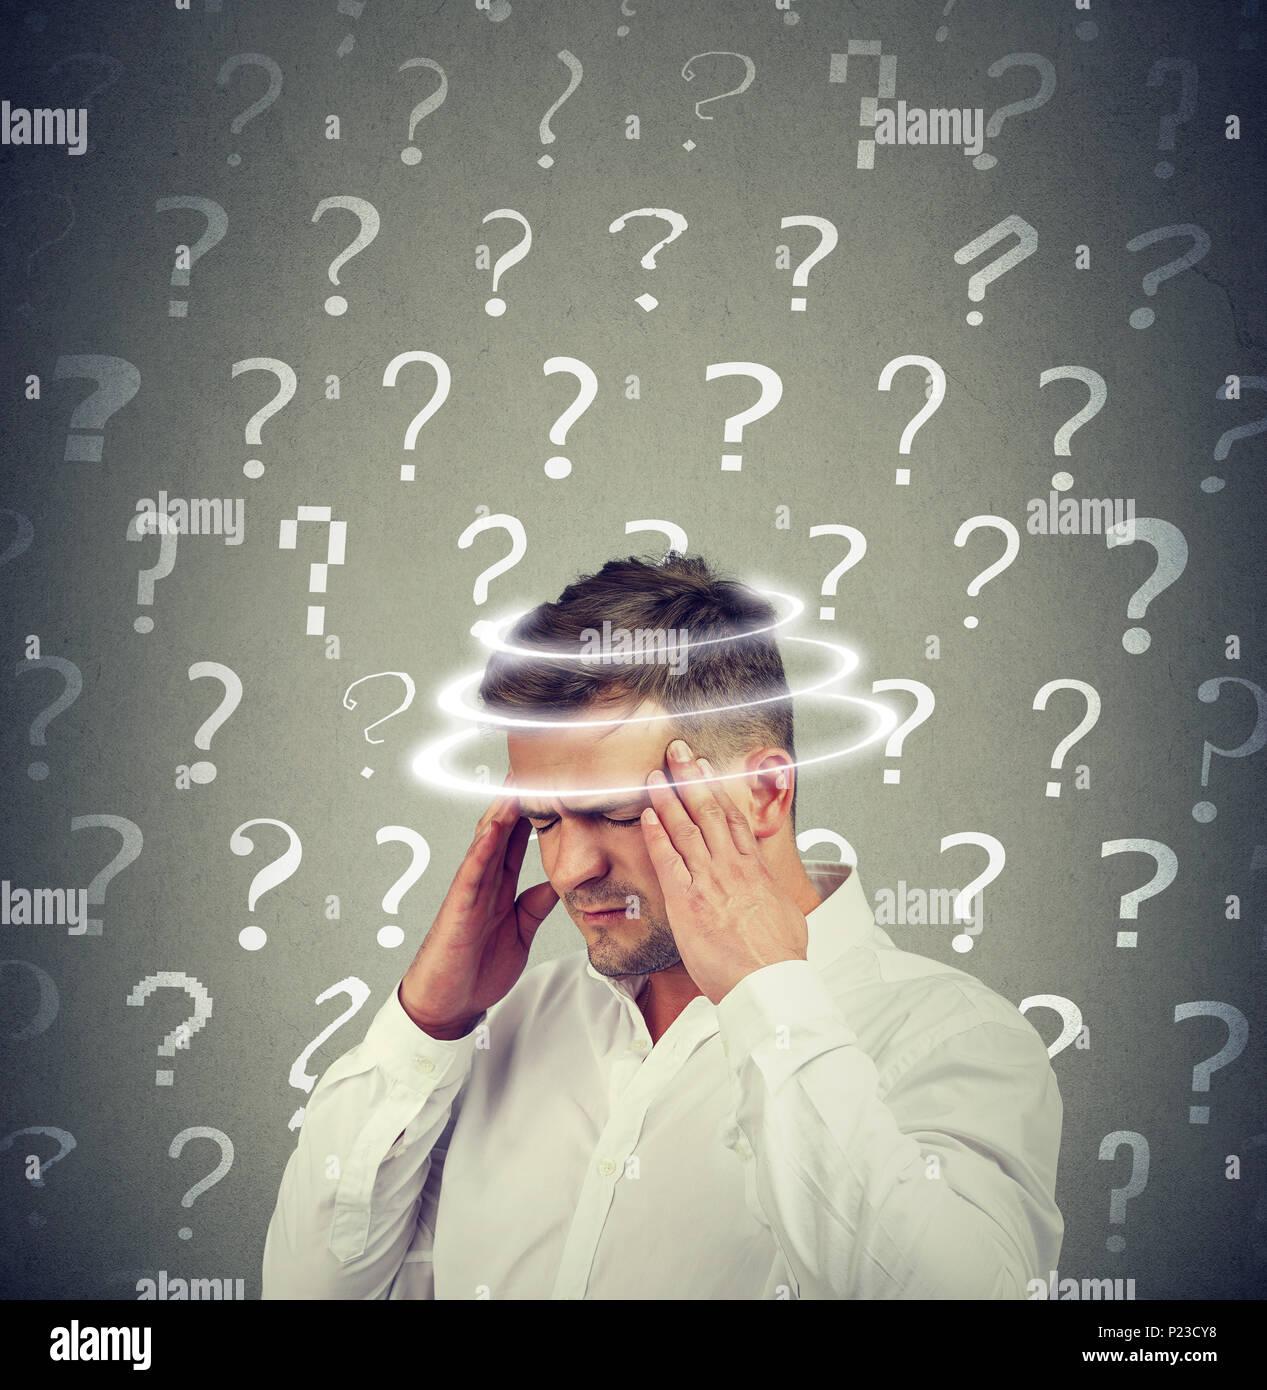 Konzeptionelle erschossen der junge Mann im Hemd reibt Tempel mit vielen Fragen im Hinterkopf besessen. Stockbild